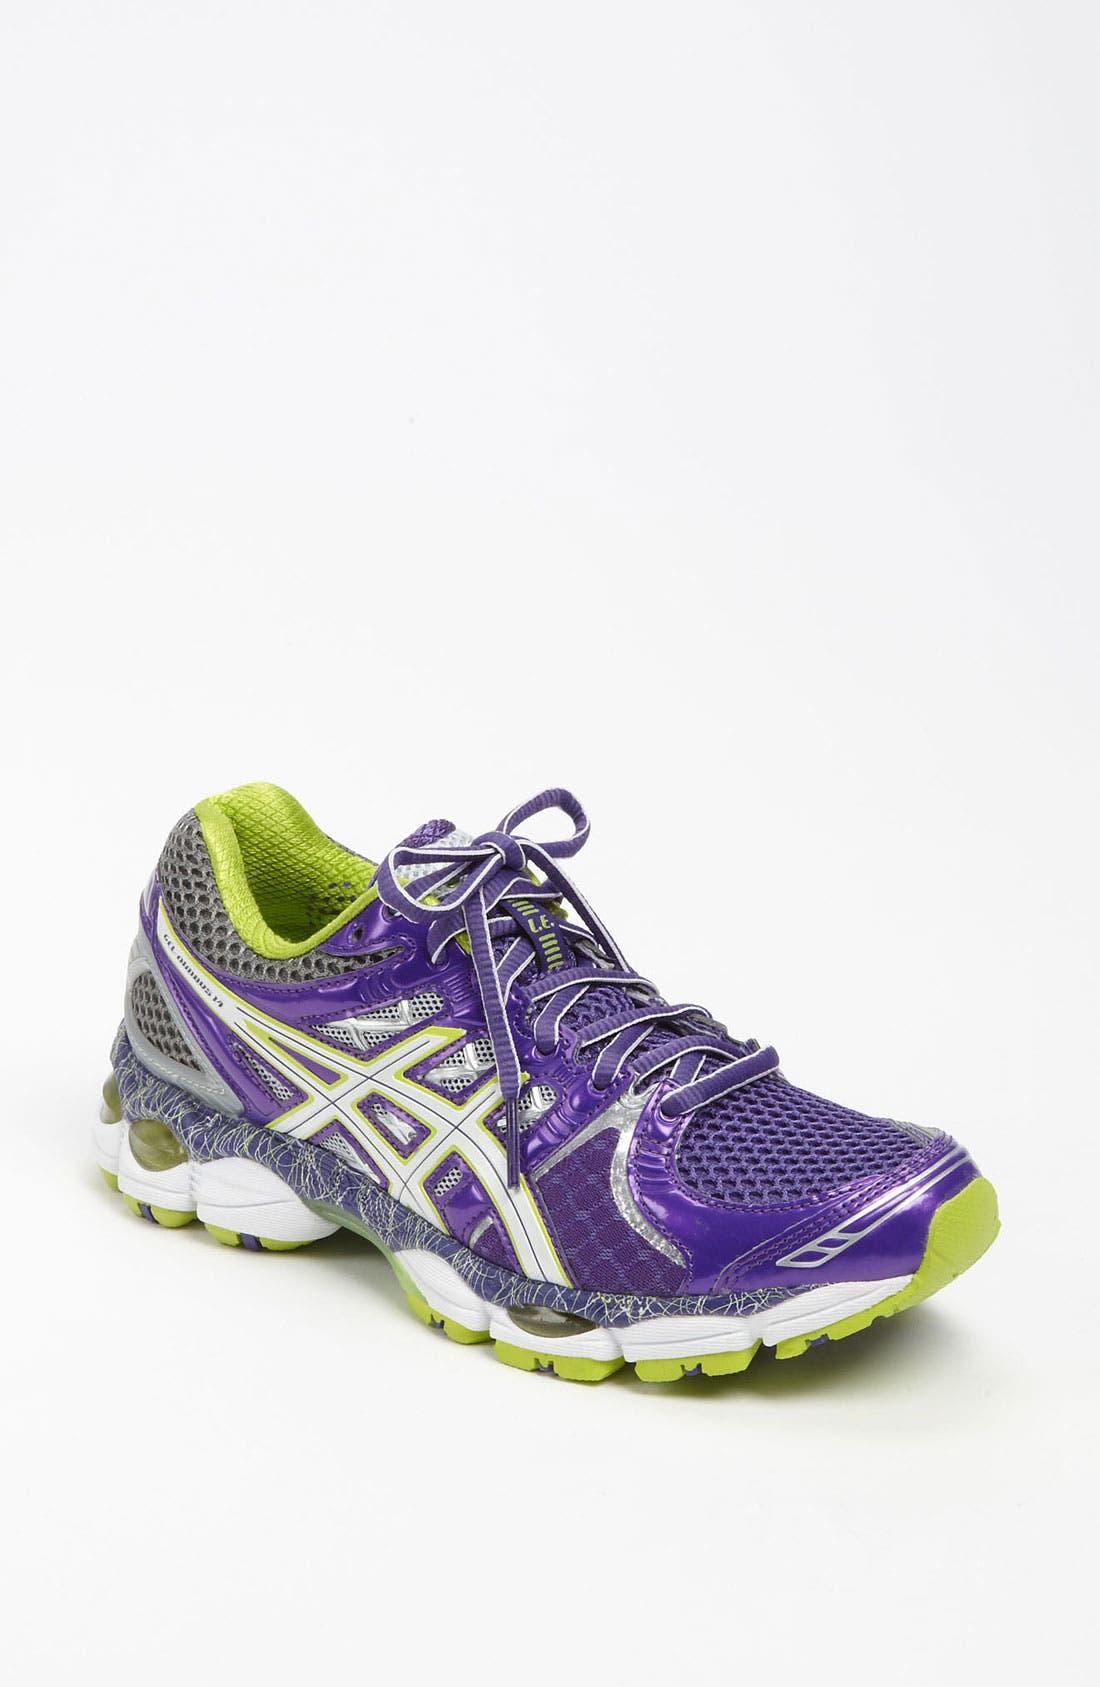 Main Image - ASICS® 'GEL®-Nimbus 14' Running Shoe (Women)(Retail Price: $139.95)